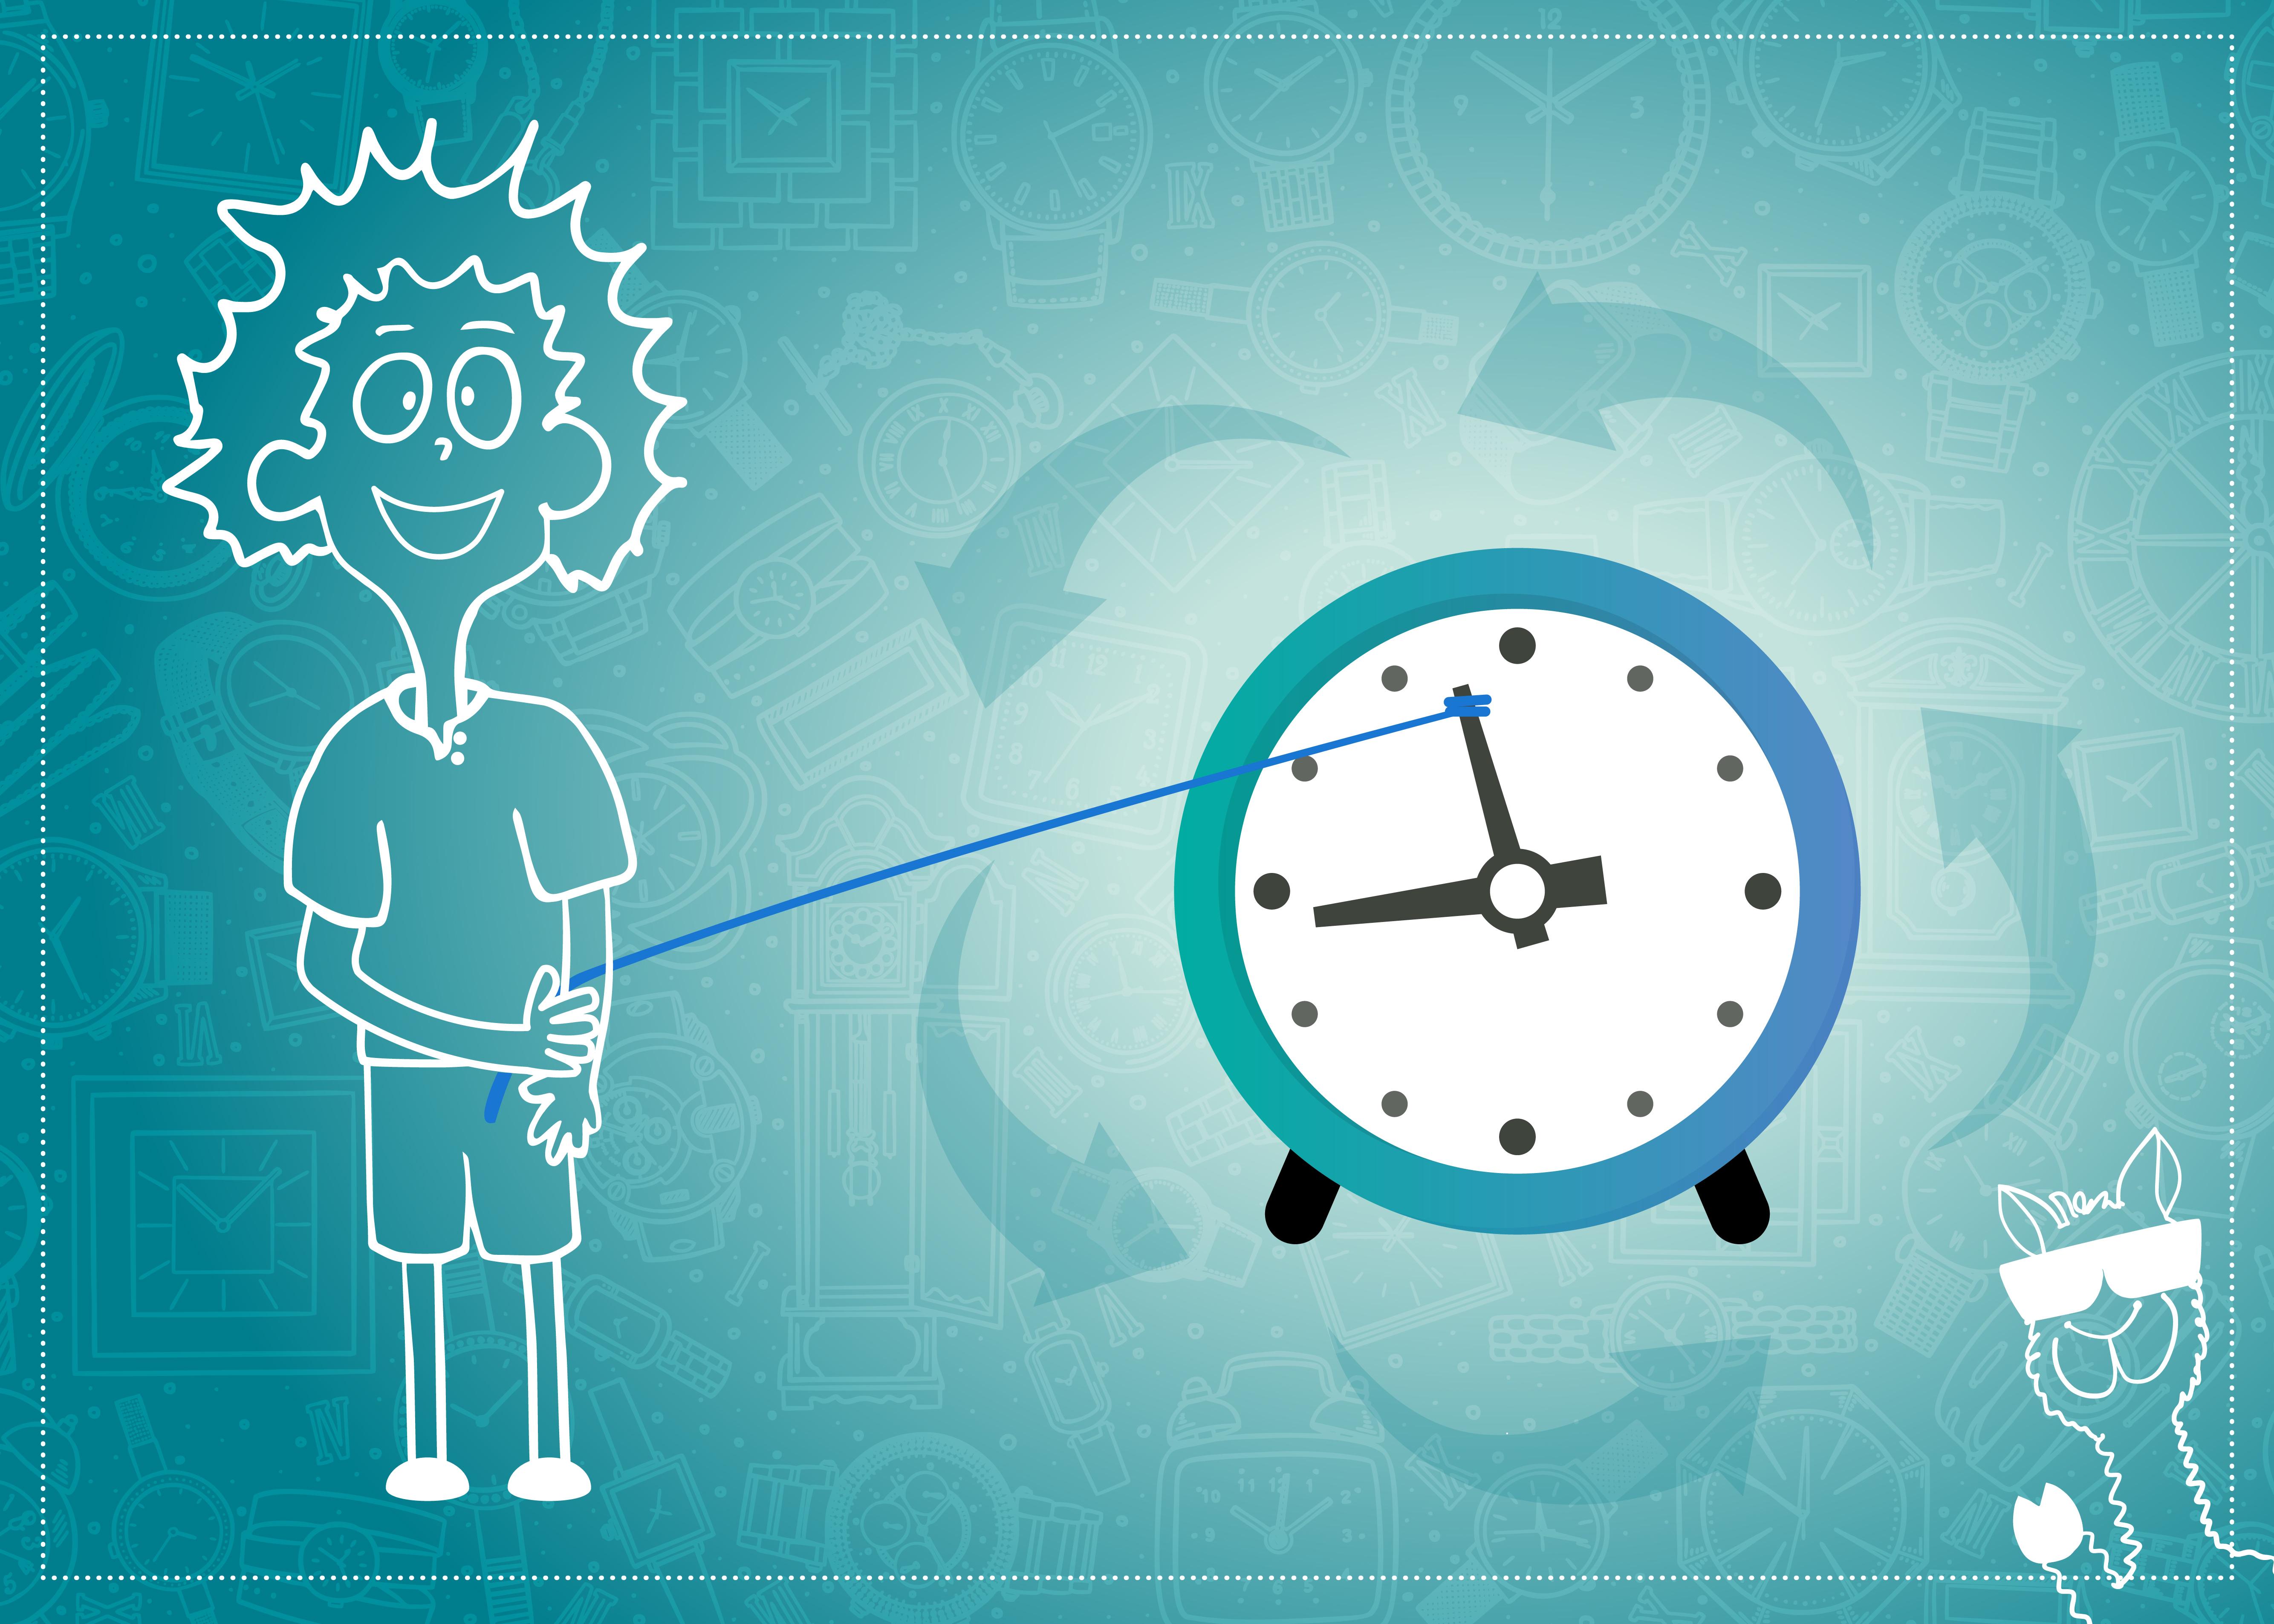 Azubi Mann dreht an der Uhr, damit die Ausbildungszeit verkürzt wird